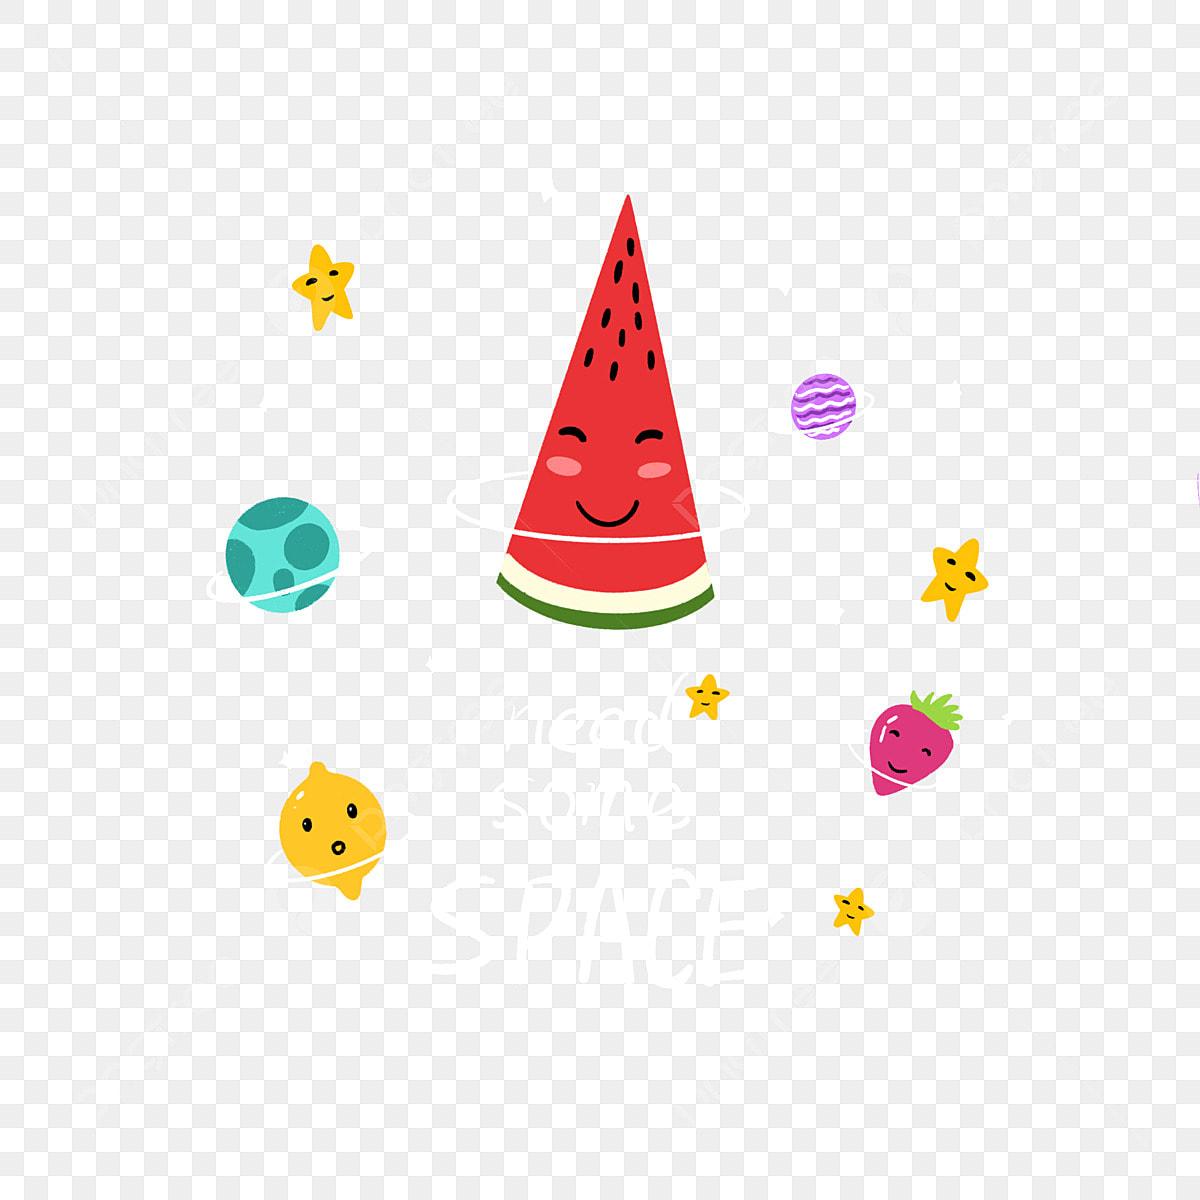 Ilustracao Colorida Dos Elementos Da Galaxia Do Gourmet Da Fruta